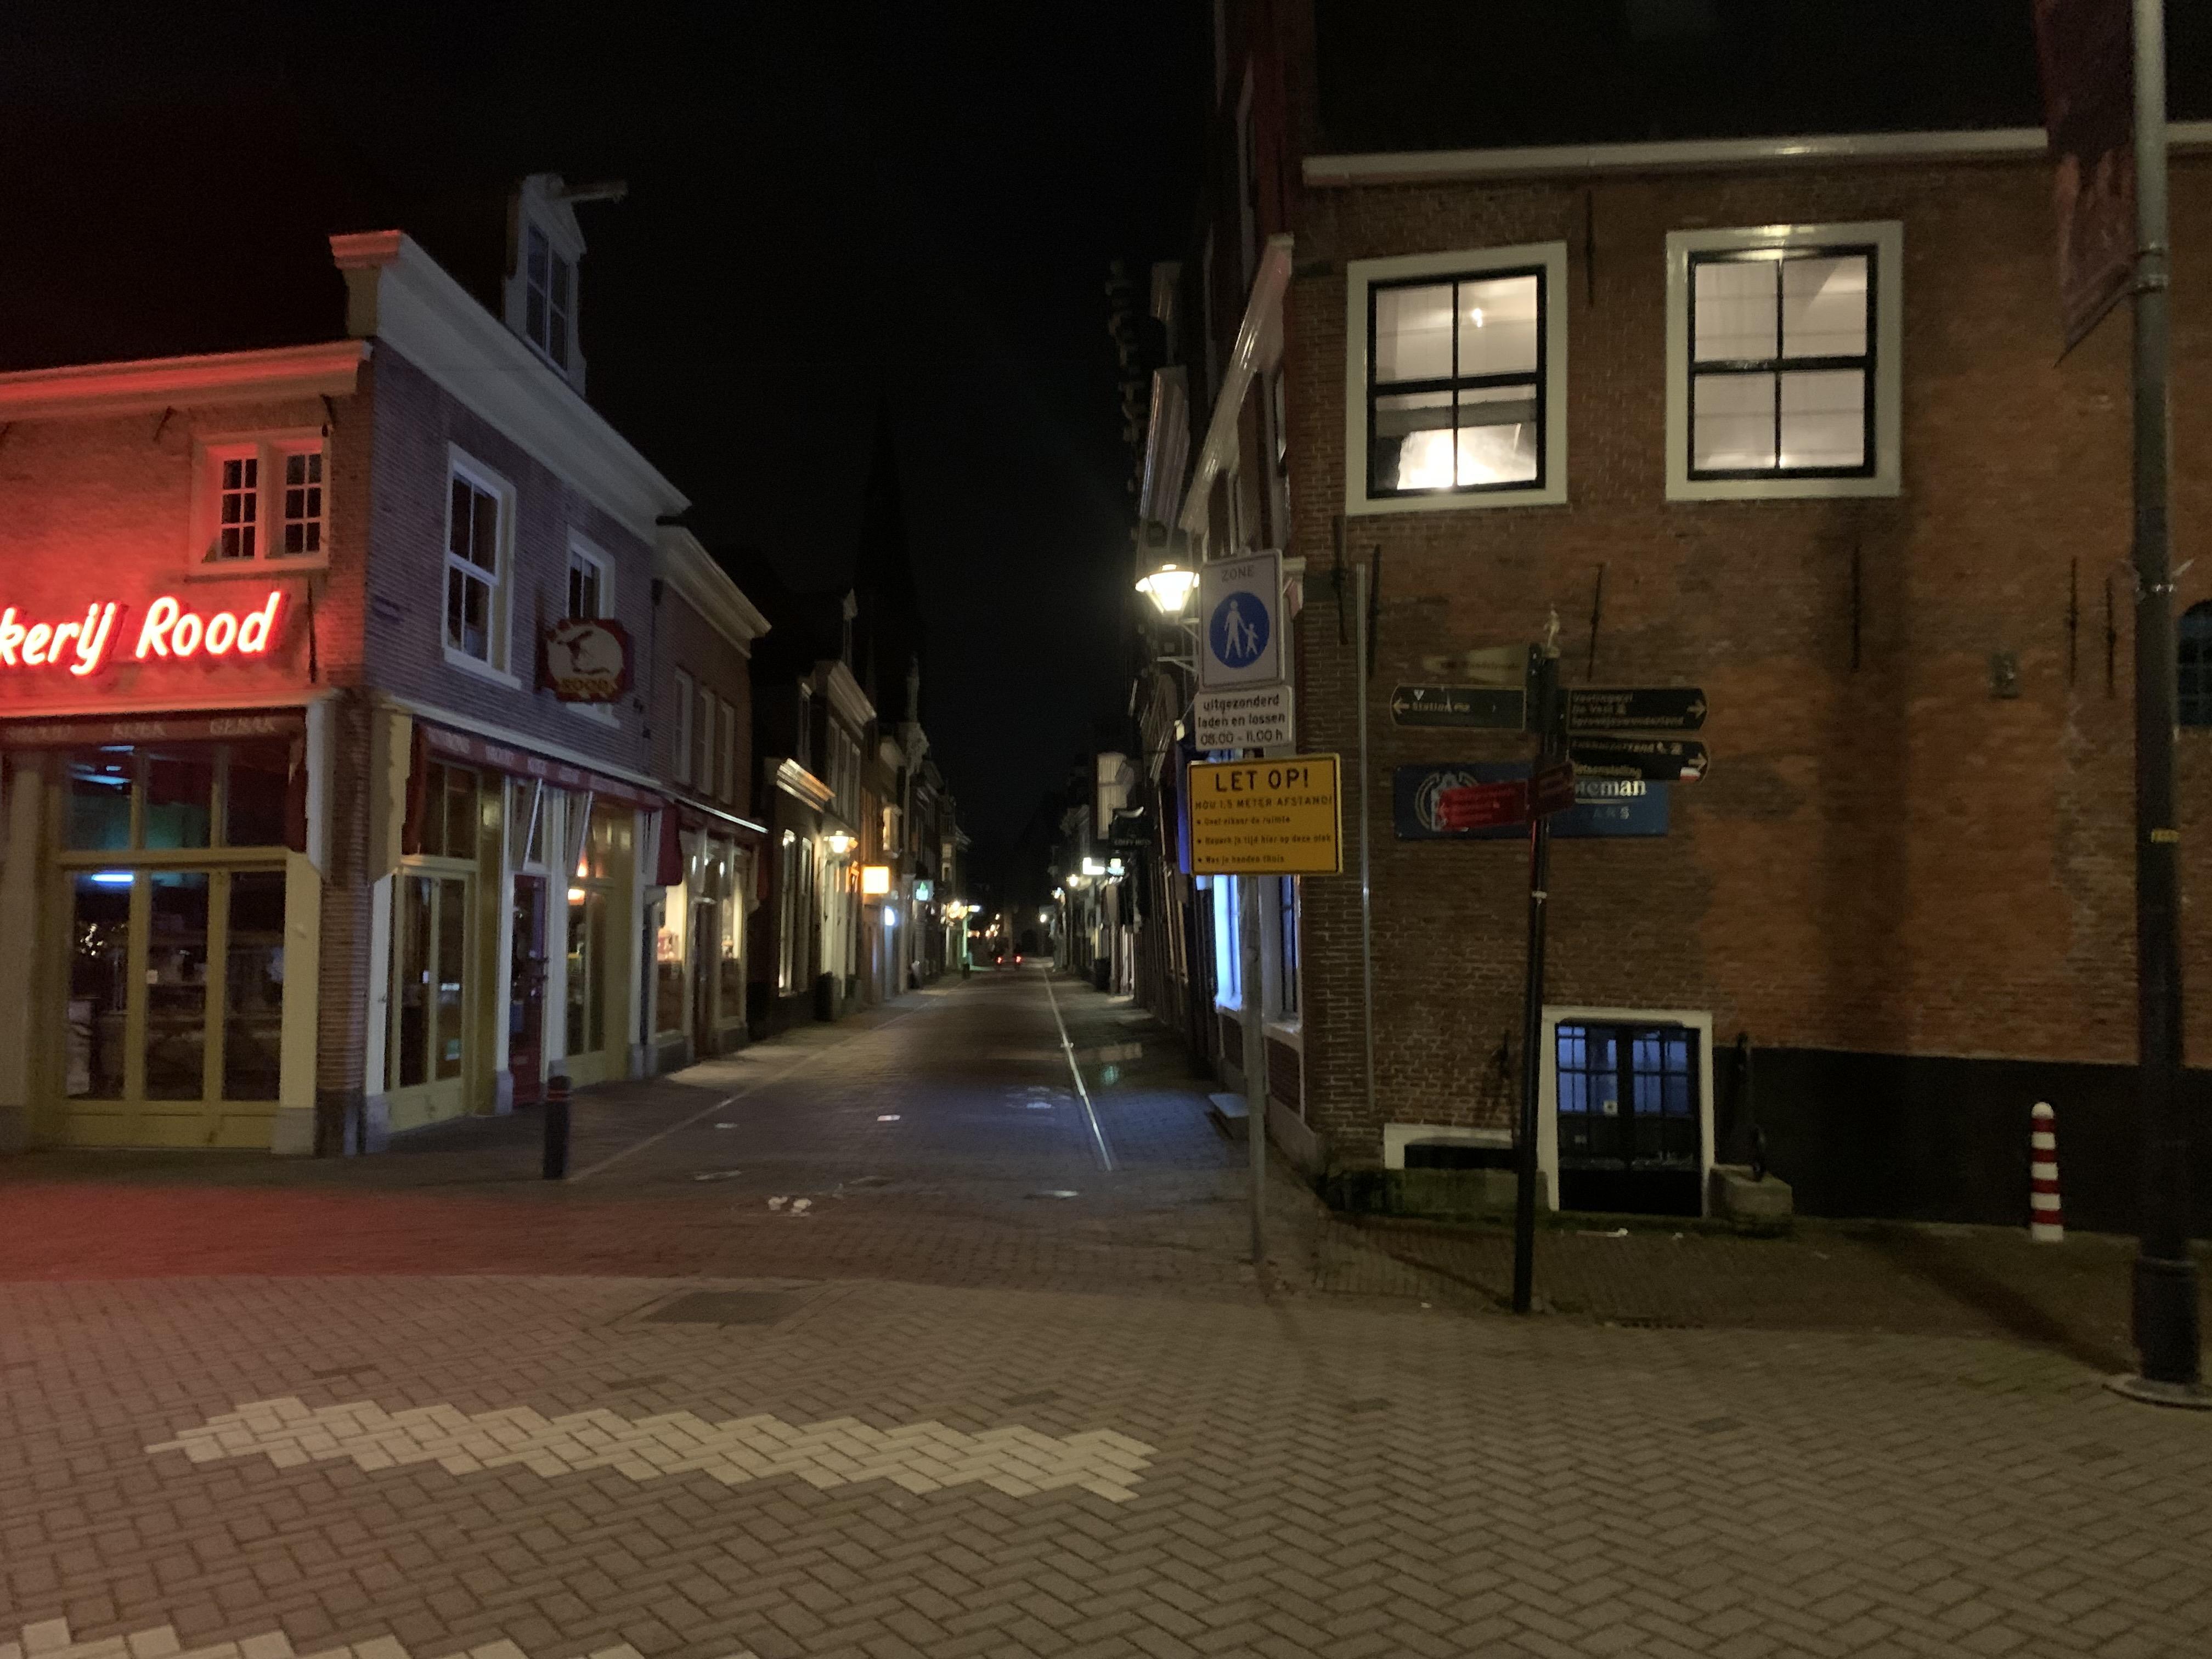 En dan loop je na de avondklok ineens door een te stille stad....